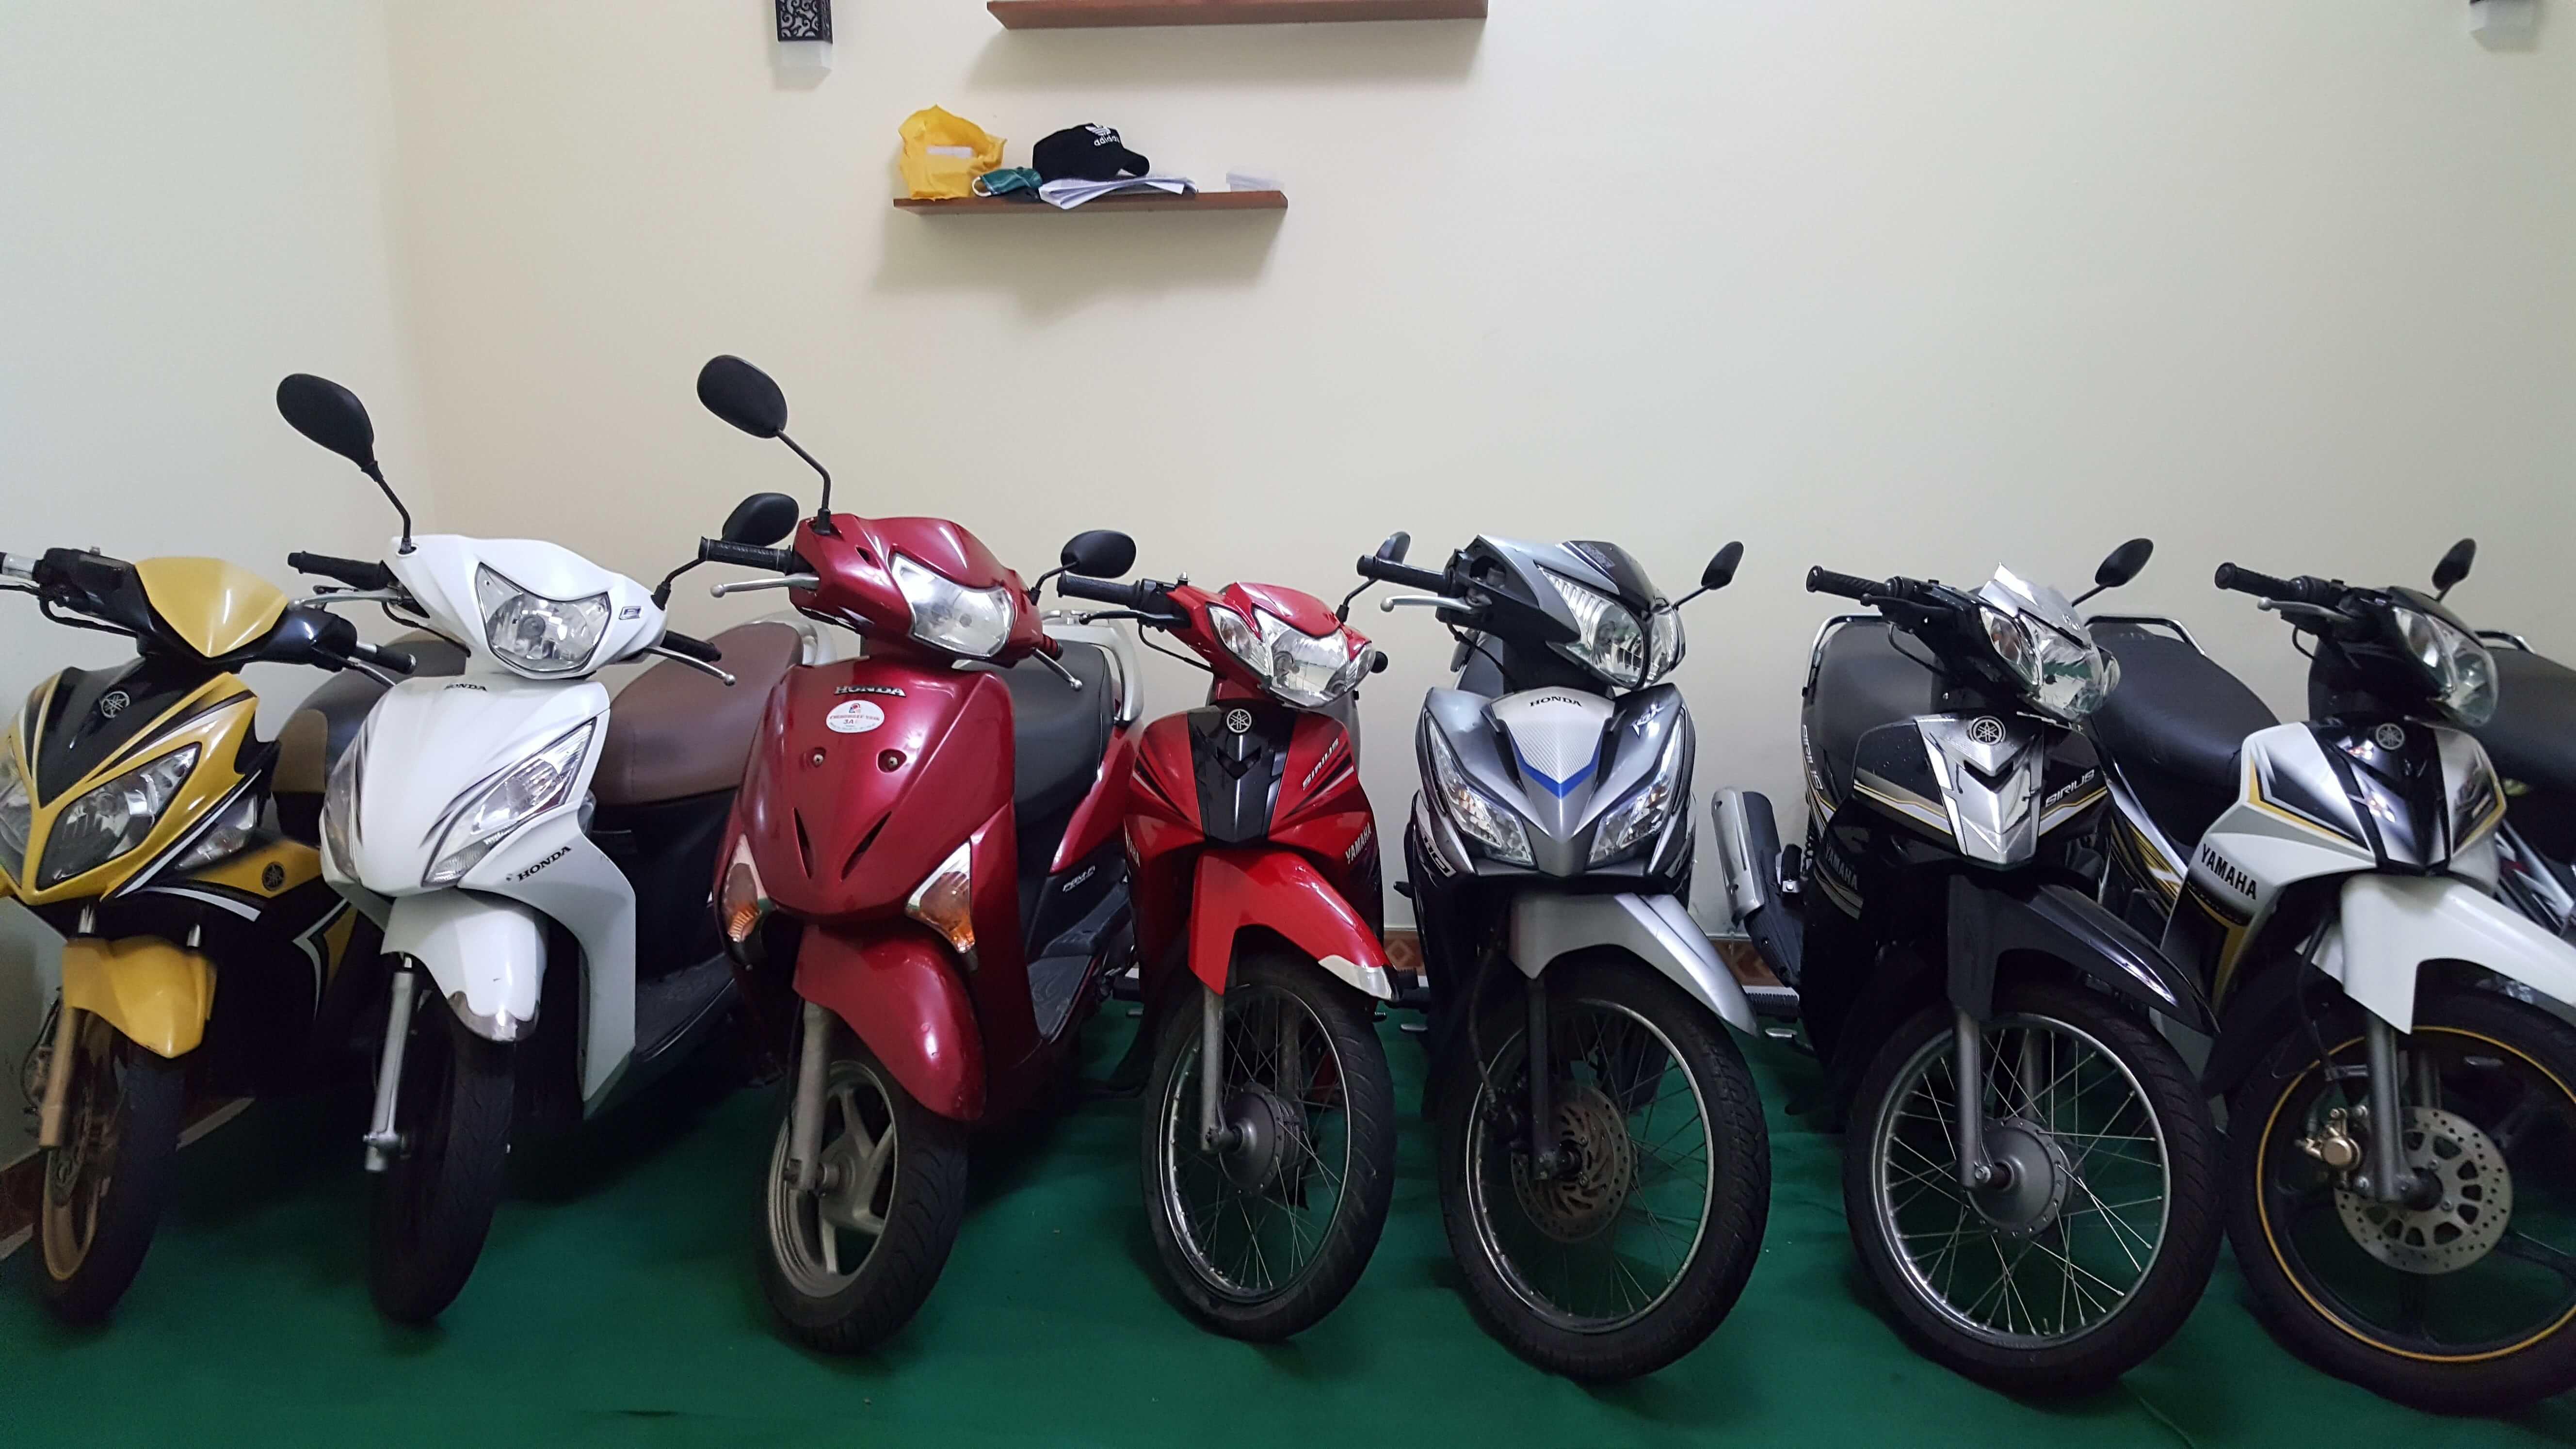 thuê xe máy giá rẻ tại đà nẵng